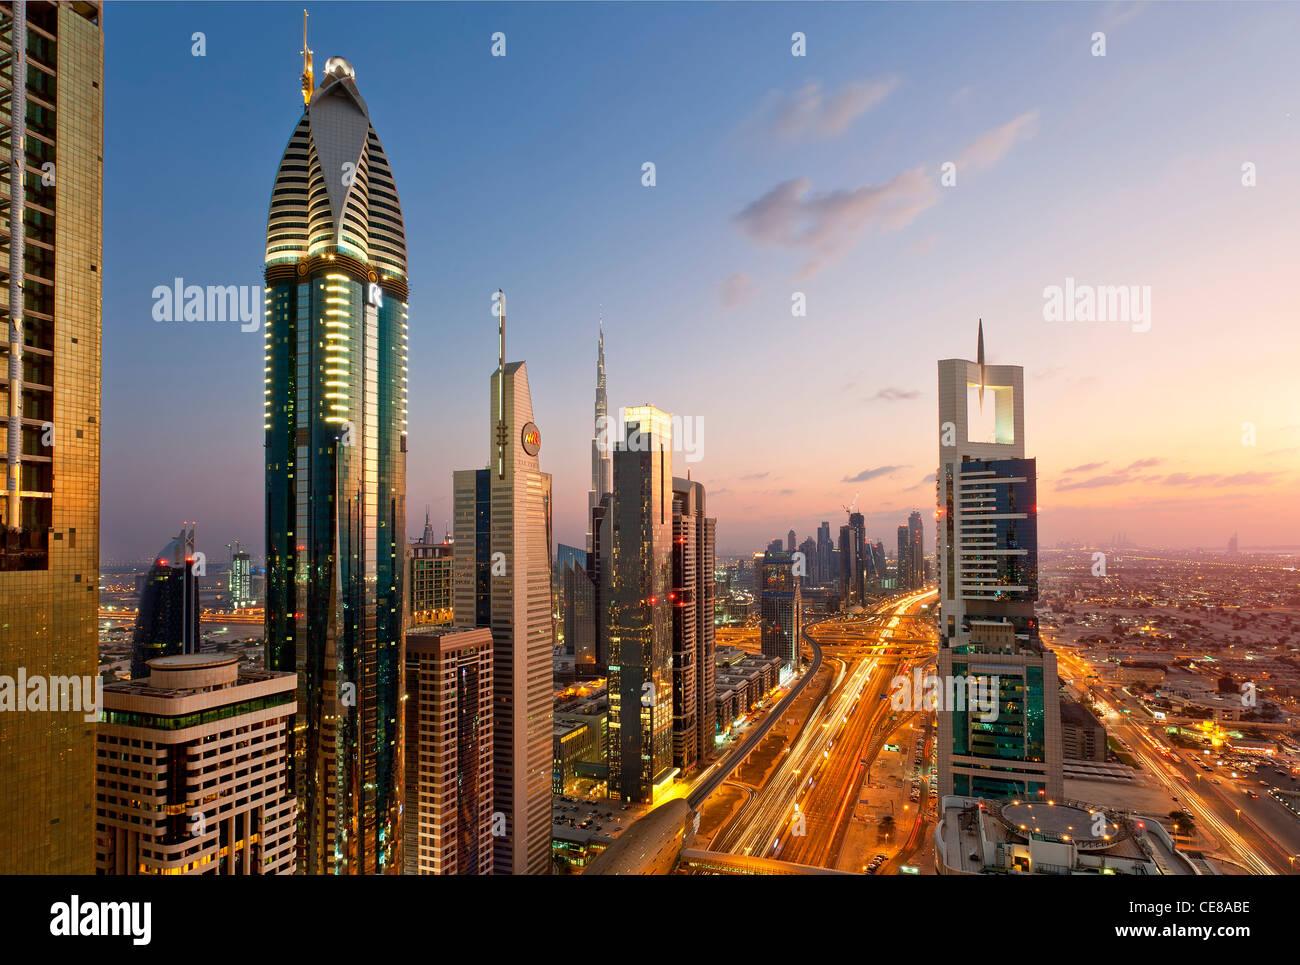 Dubai, imponentes torres de oficinas y apartamentos a lo largo de Sheik Zayed Road Imagen De Stock